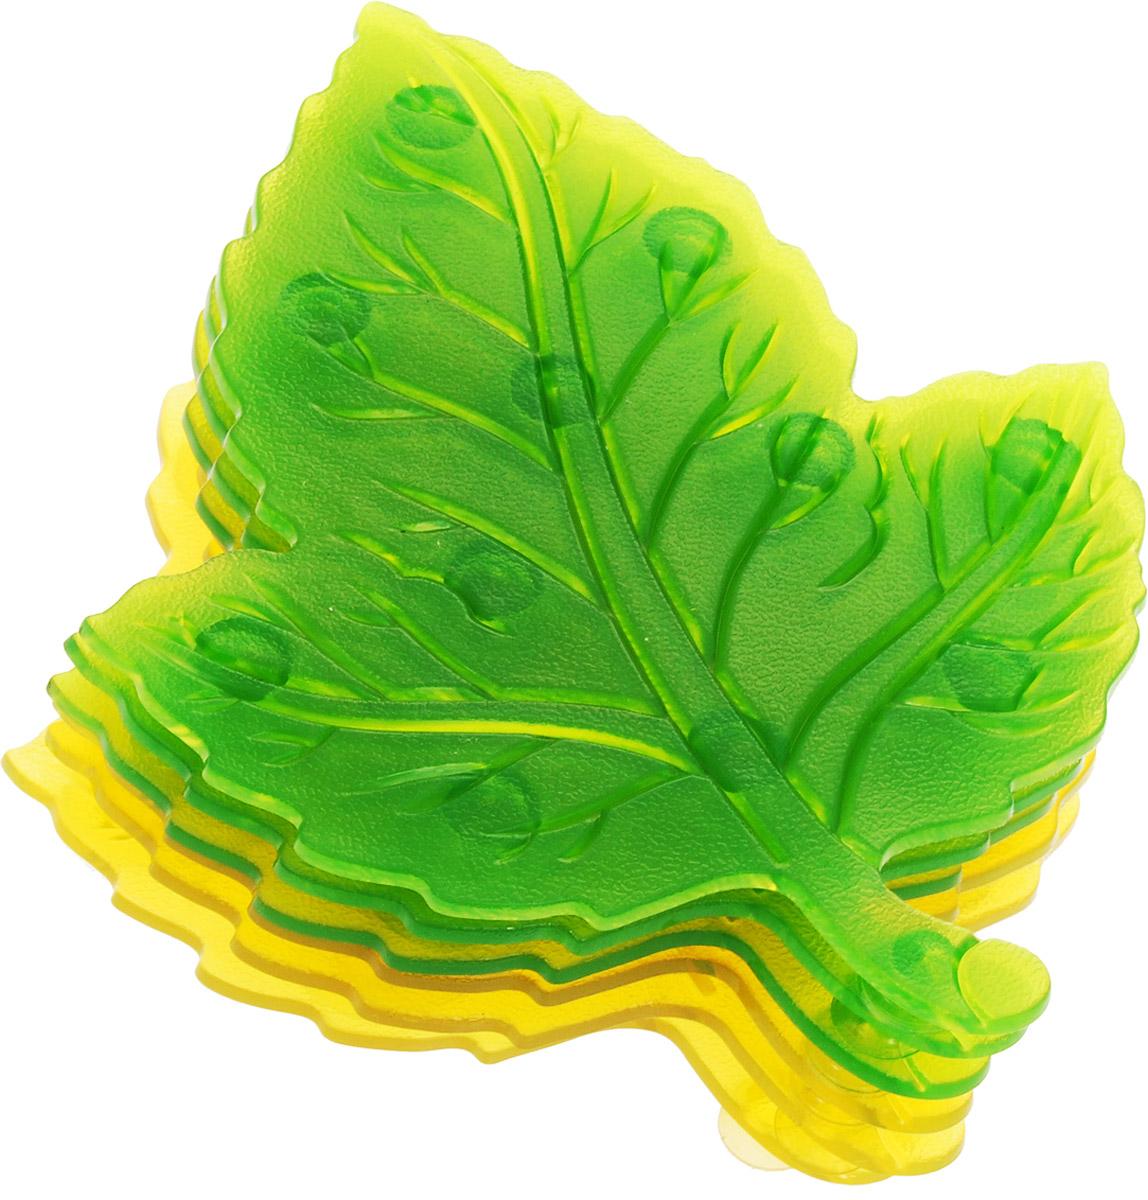 Valiant Мини-коврик для ванной комнаты Листик на присосках цвет зеленый желтый 6 шт